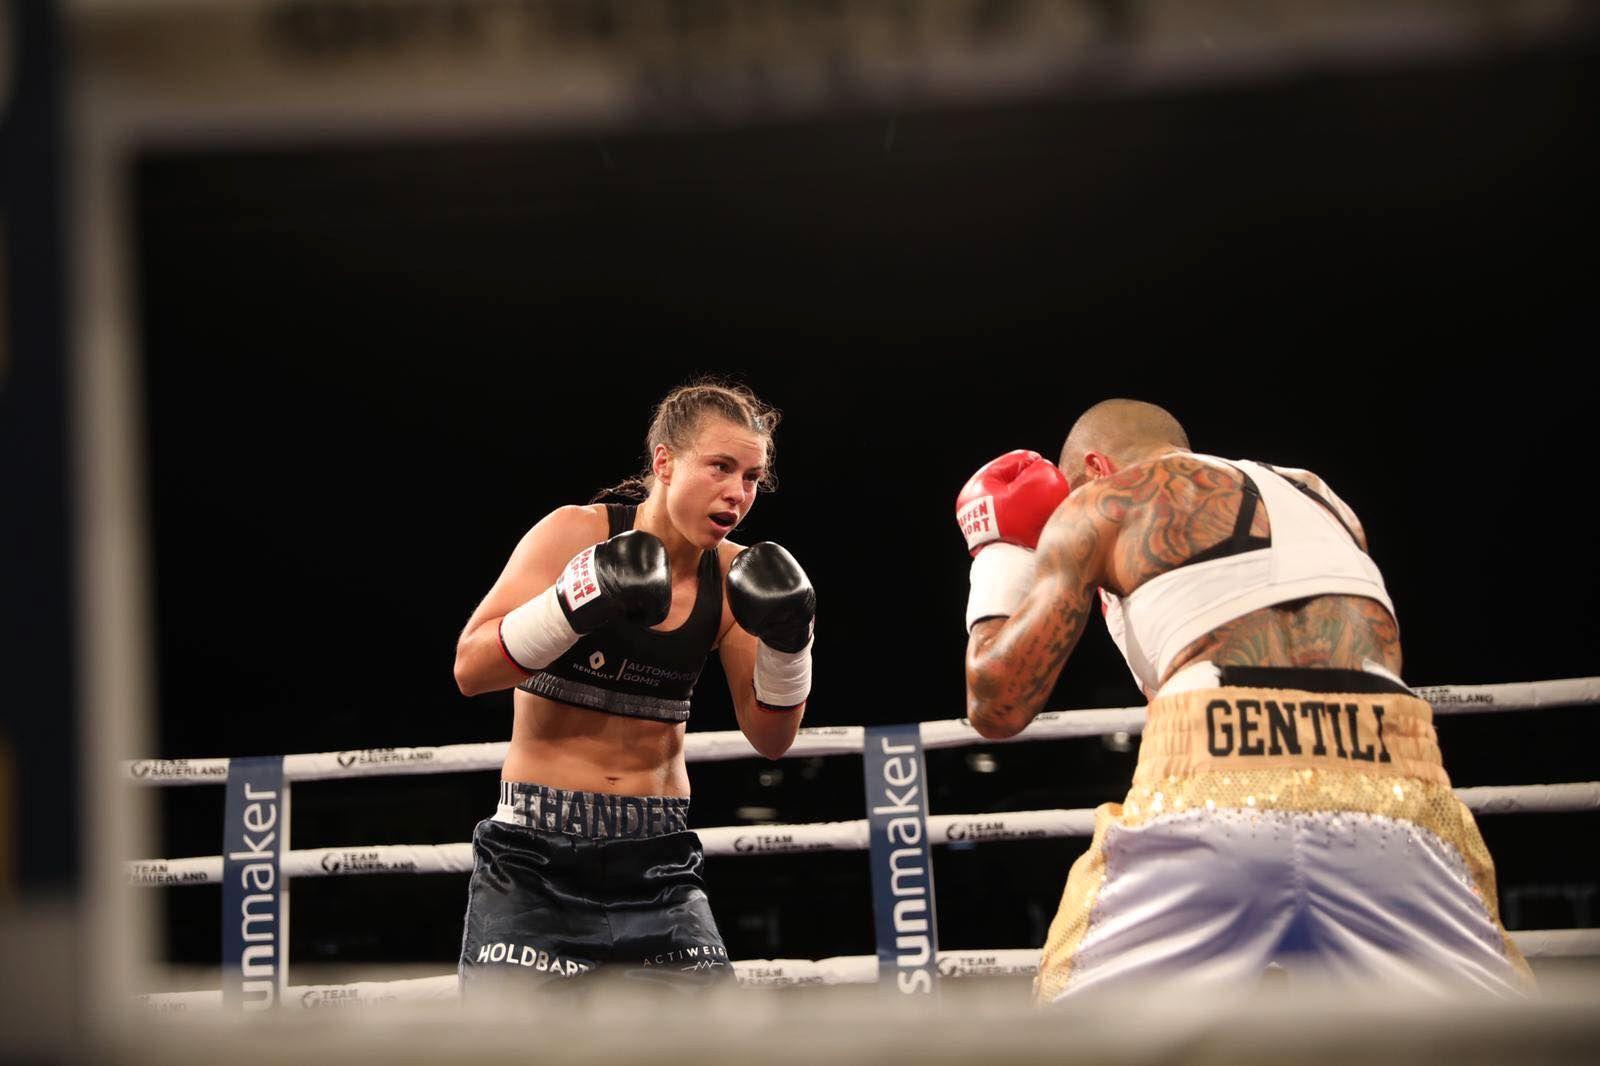 VRIEN STIL: Monica Gentili (t.h.) var en frustrerende motstander for Katharina Thanderz.